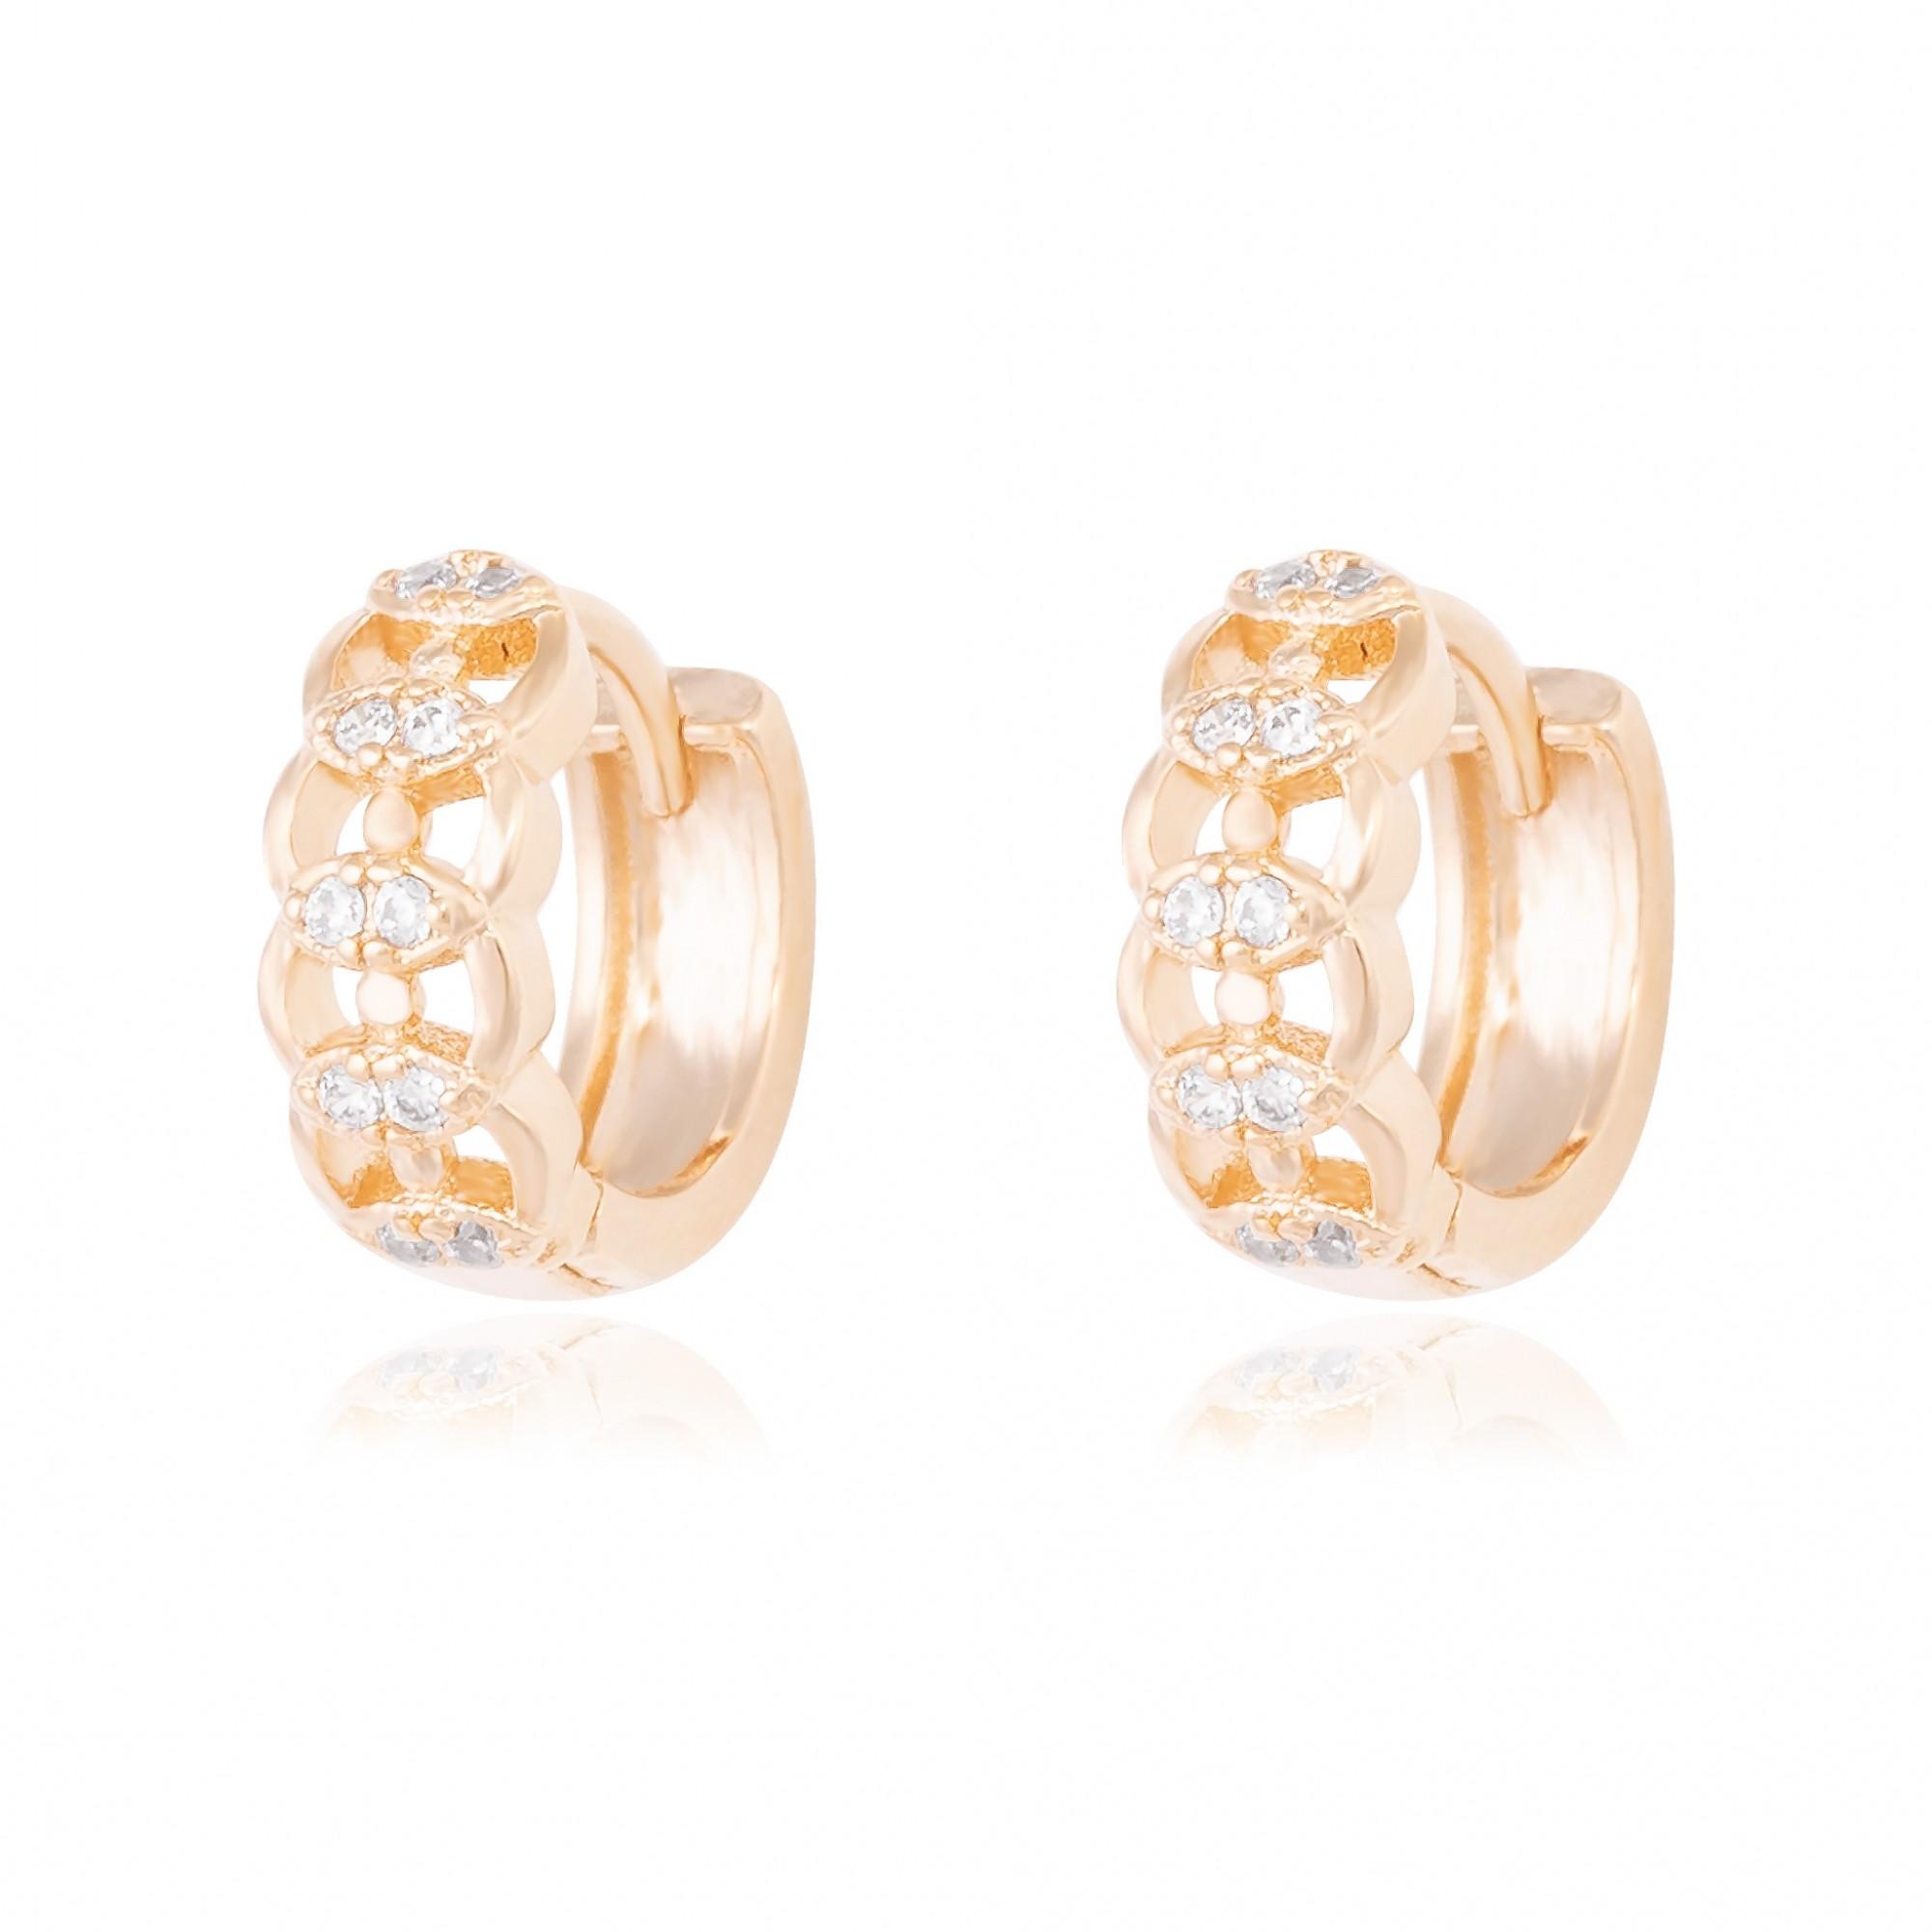 Argola de clique 1 cm desenhada com zircônias cristais banhada a ouro 18k.  - romabrazil.com.br